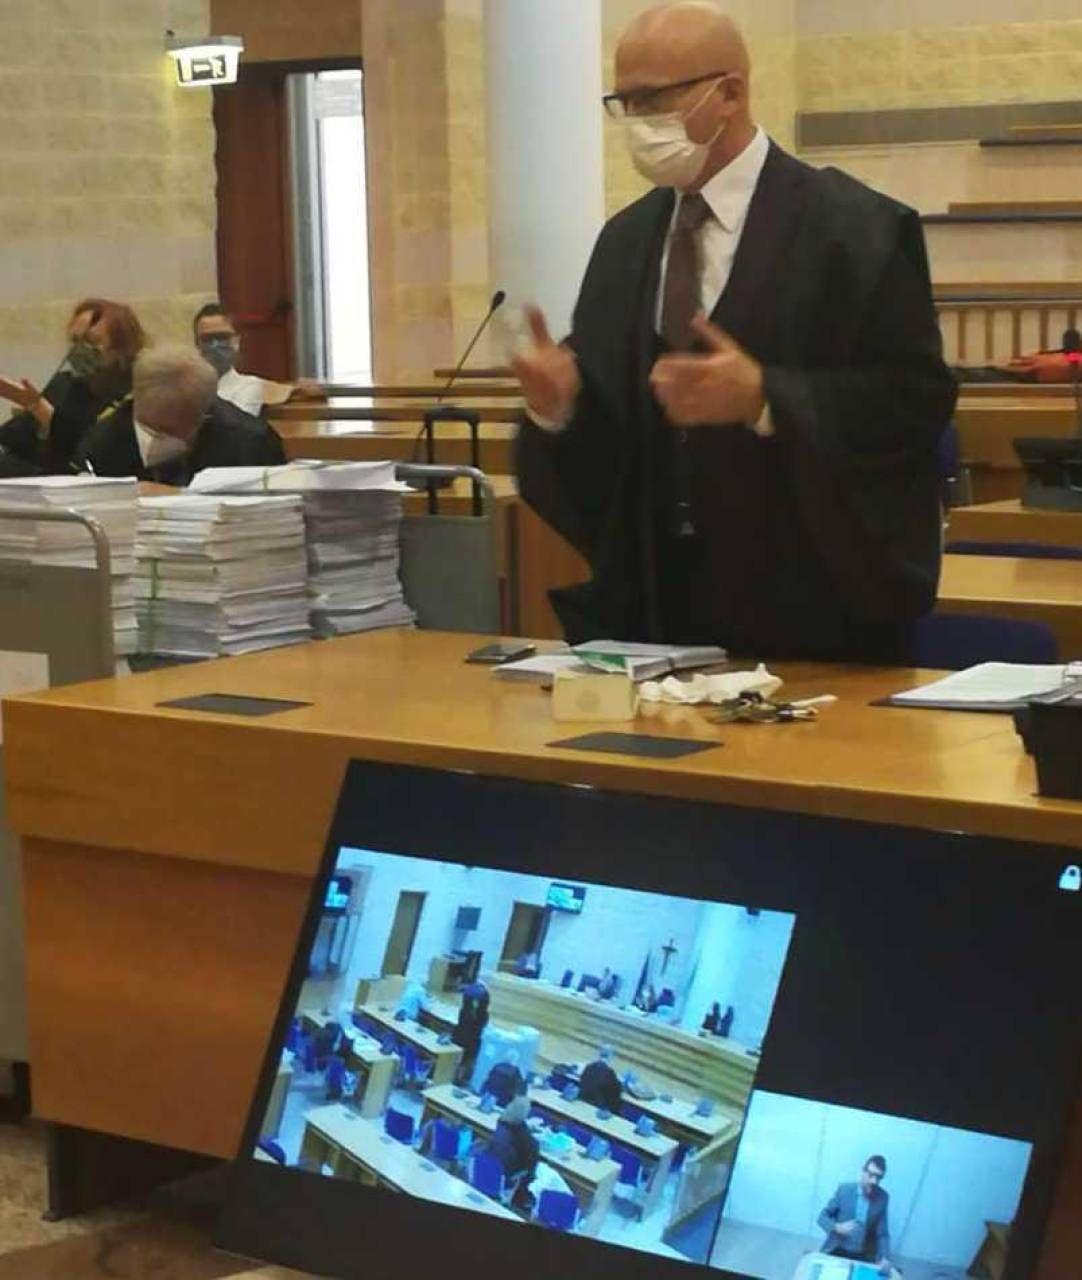 Il pubblico ministero di Rimini, Davide Ercolani, interroga Giulio Lolli in videoconferenza con il carcere